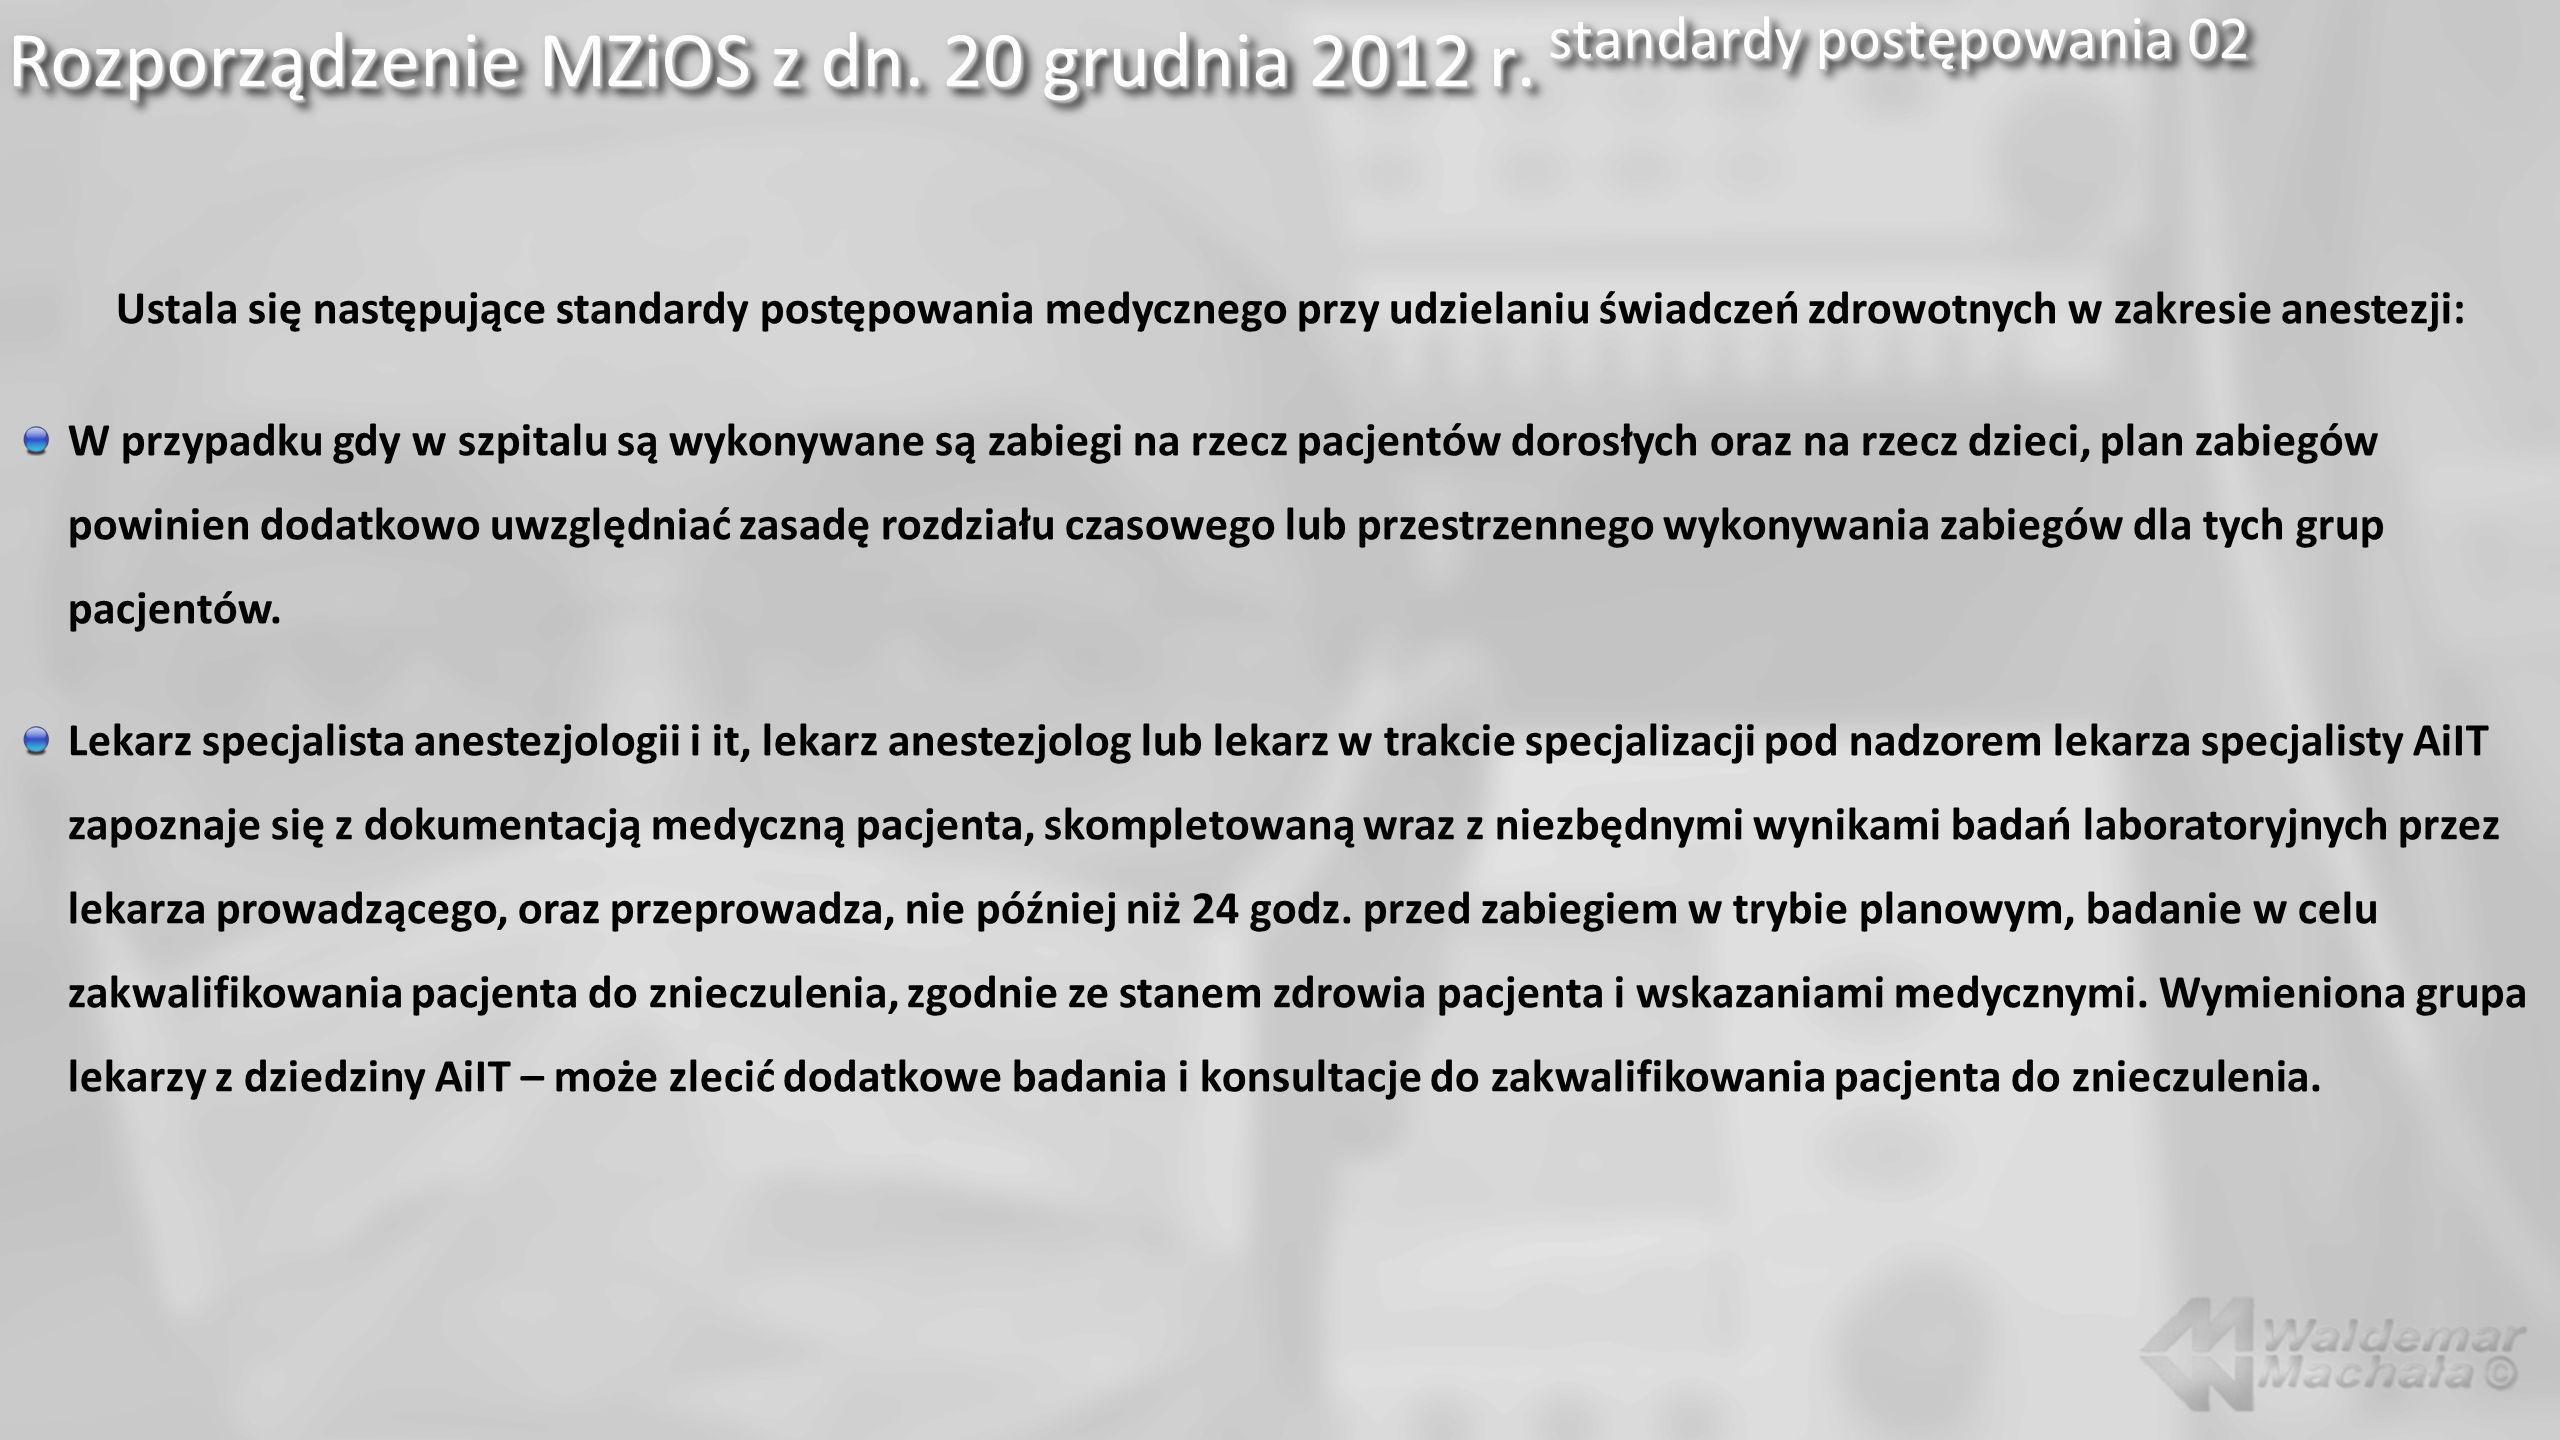 Rozporządzenie MZiOS z dn. 20 grudnia 2012 r. standardy postępowania 02 Ustala się następujące standardy postępowania medycznego przy udzielaniu świad